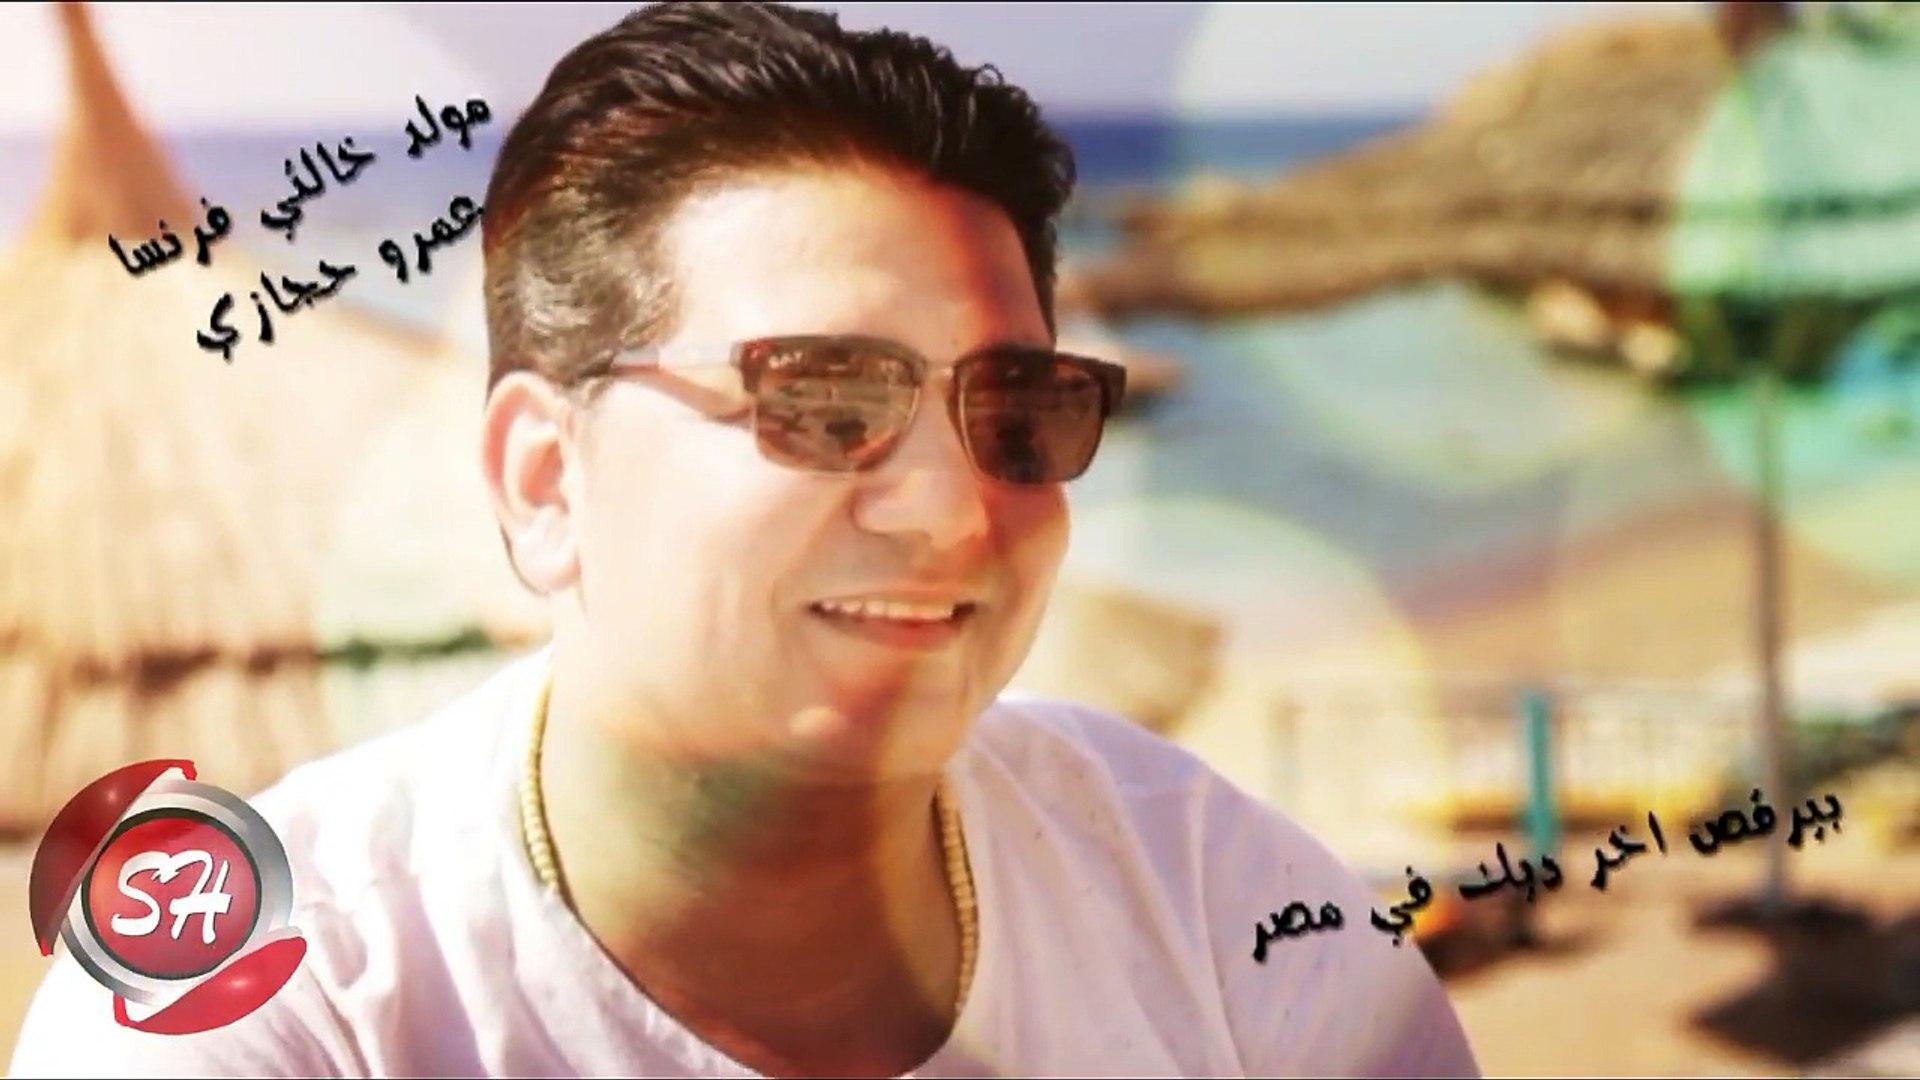 عمرو حجازى كليب مولد خالتى فرنسا اللى بيرقص اخر ديك فى مصر 2018